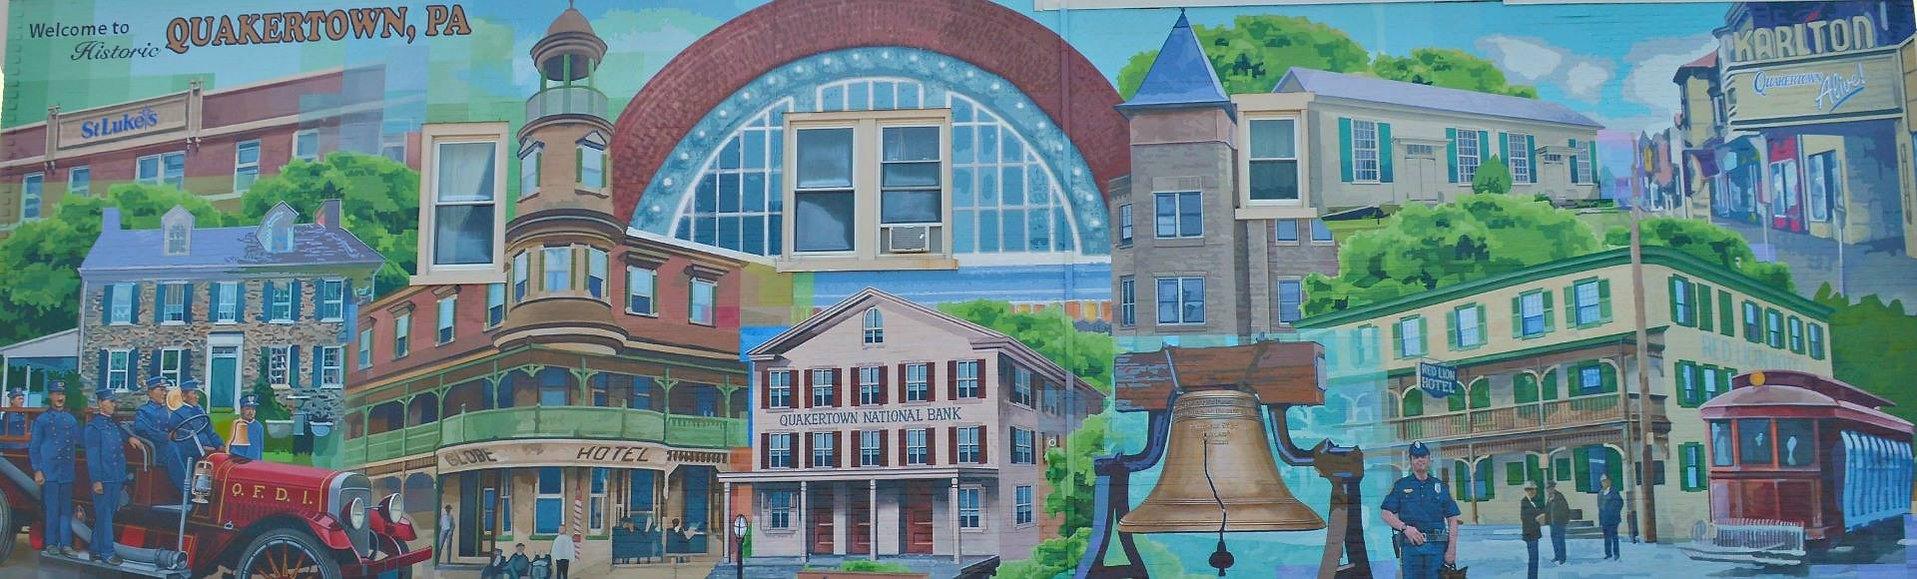 quakertown mural.jpeg